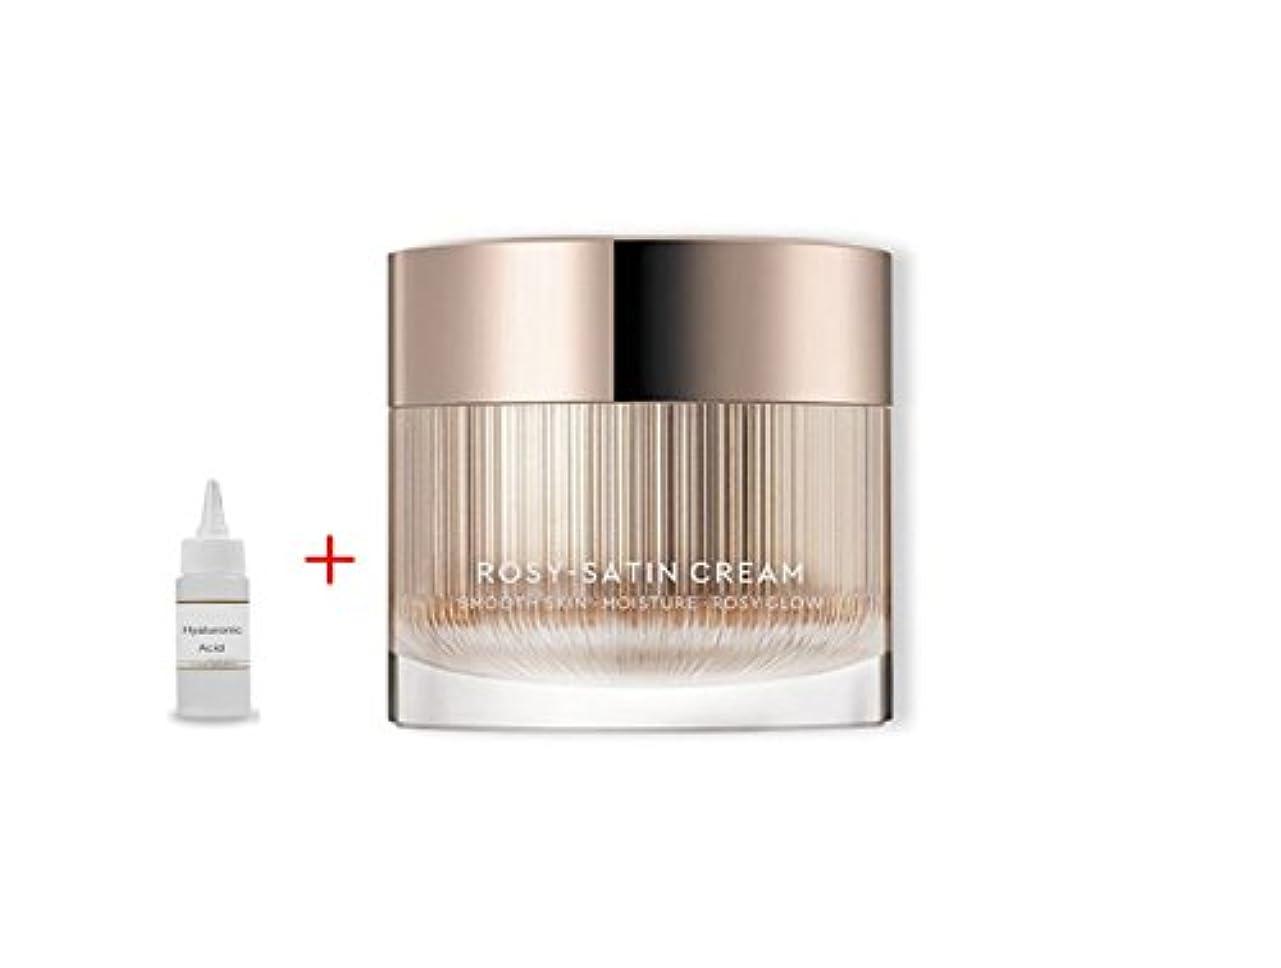 平衡びっくりする意気込みHERA New Rosy Satin Cream 50ml:Smooth Skin Moisture Rosy Glow 滑らかな肌の保湿化粧水 + Ochloo Hyaluronic Acid 20ml [並行輸入品]